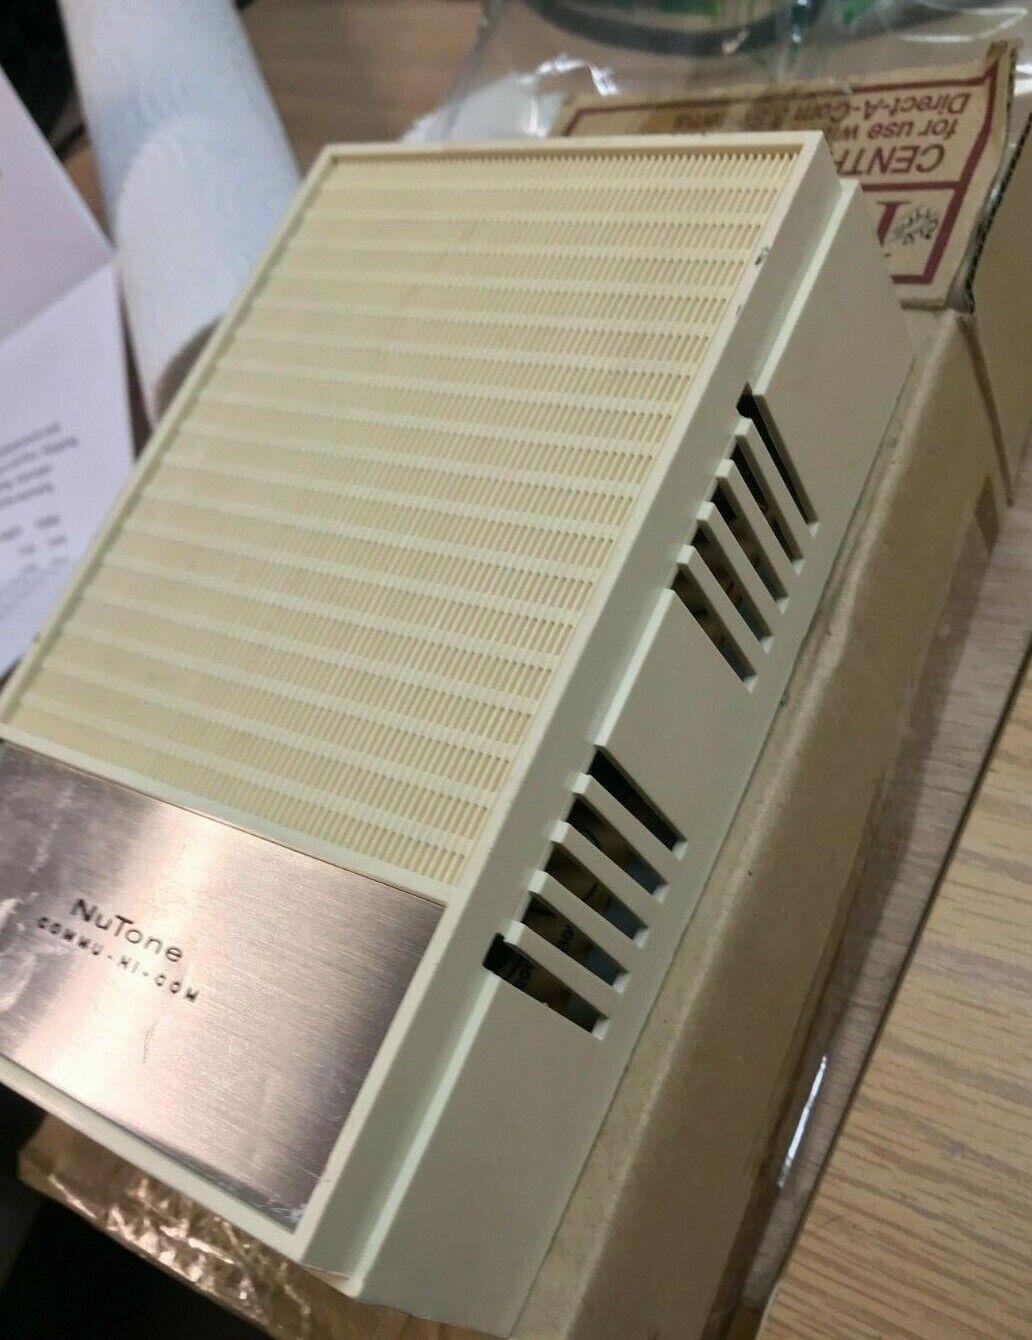 Reformado amplificador de intercomunicación Nutone IMA-516 intercambiables con IM-516 y 470